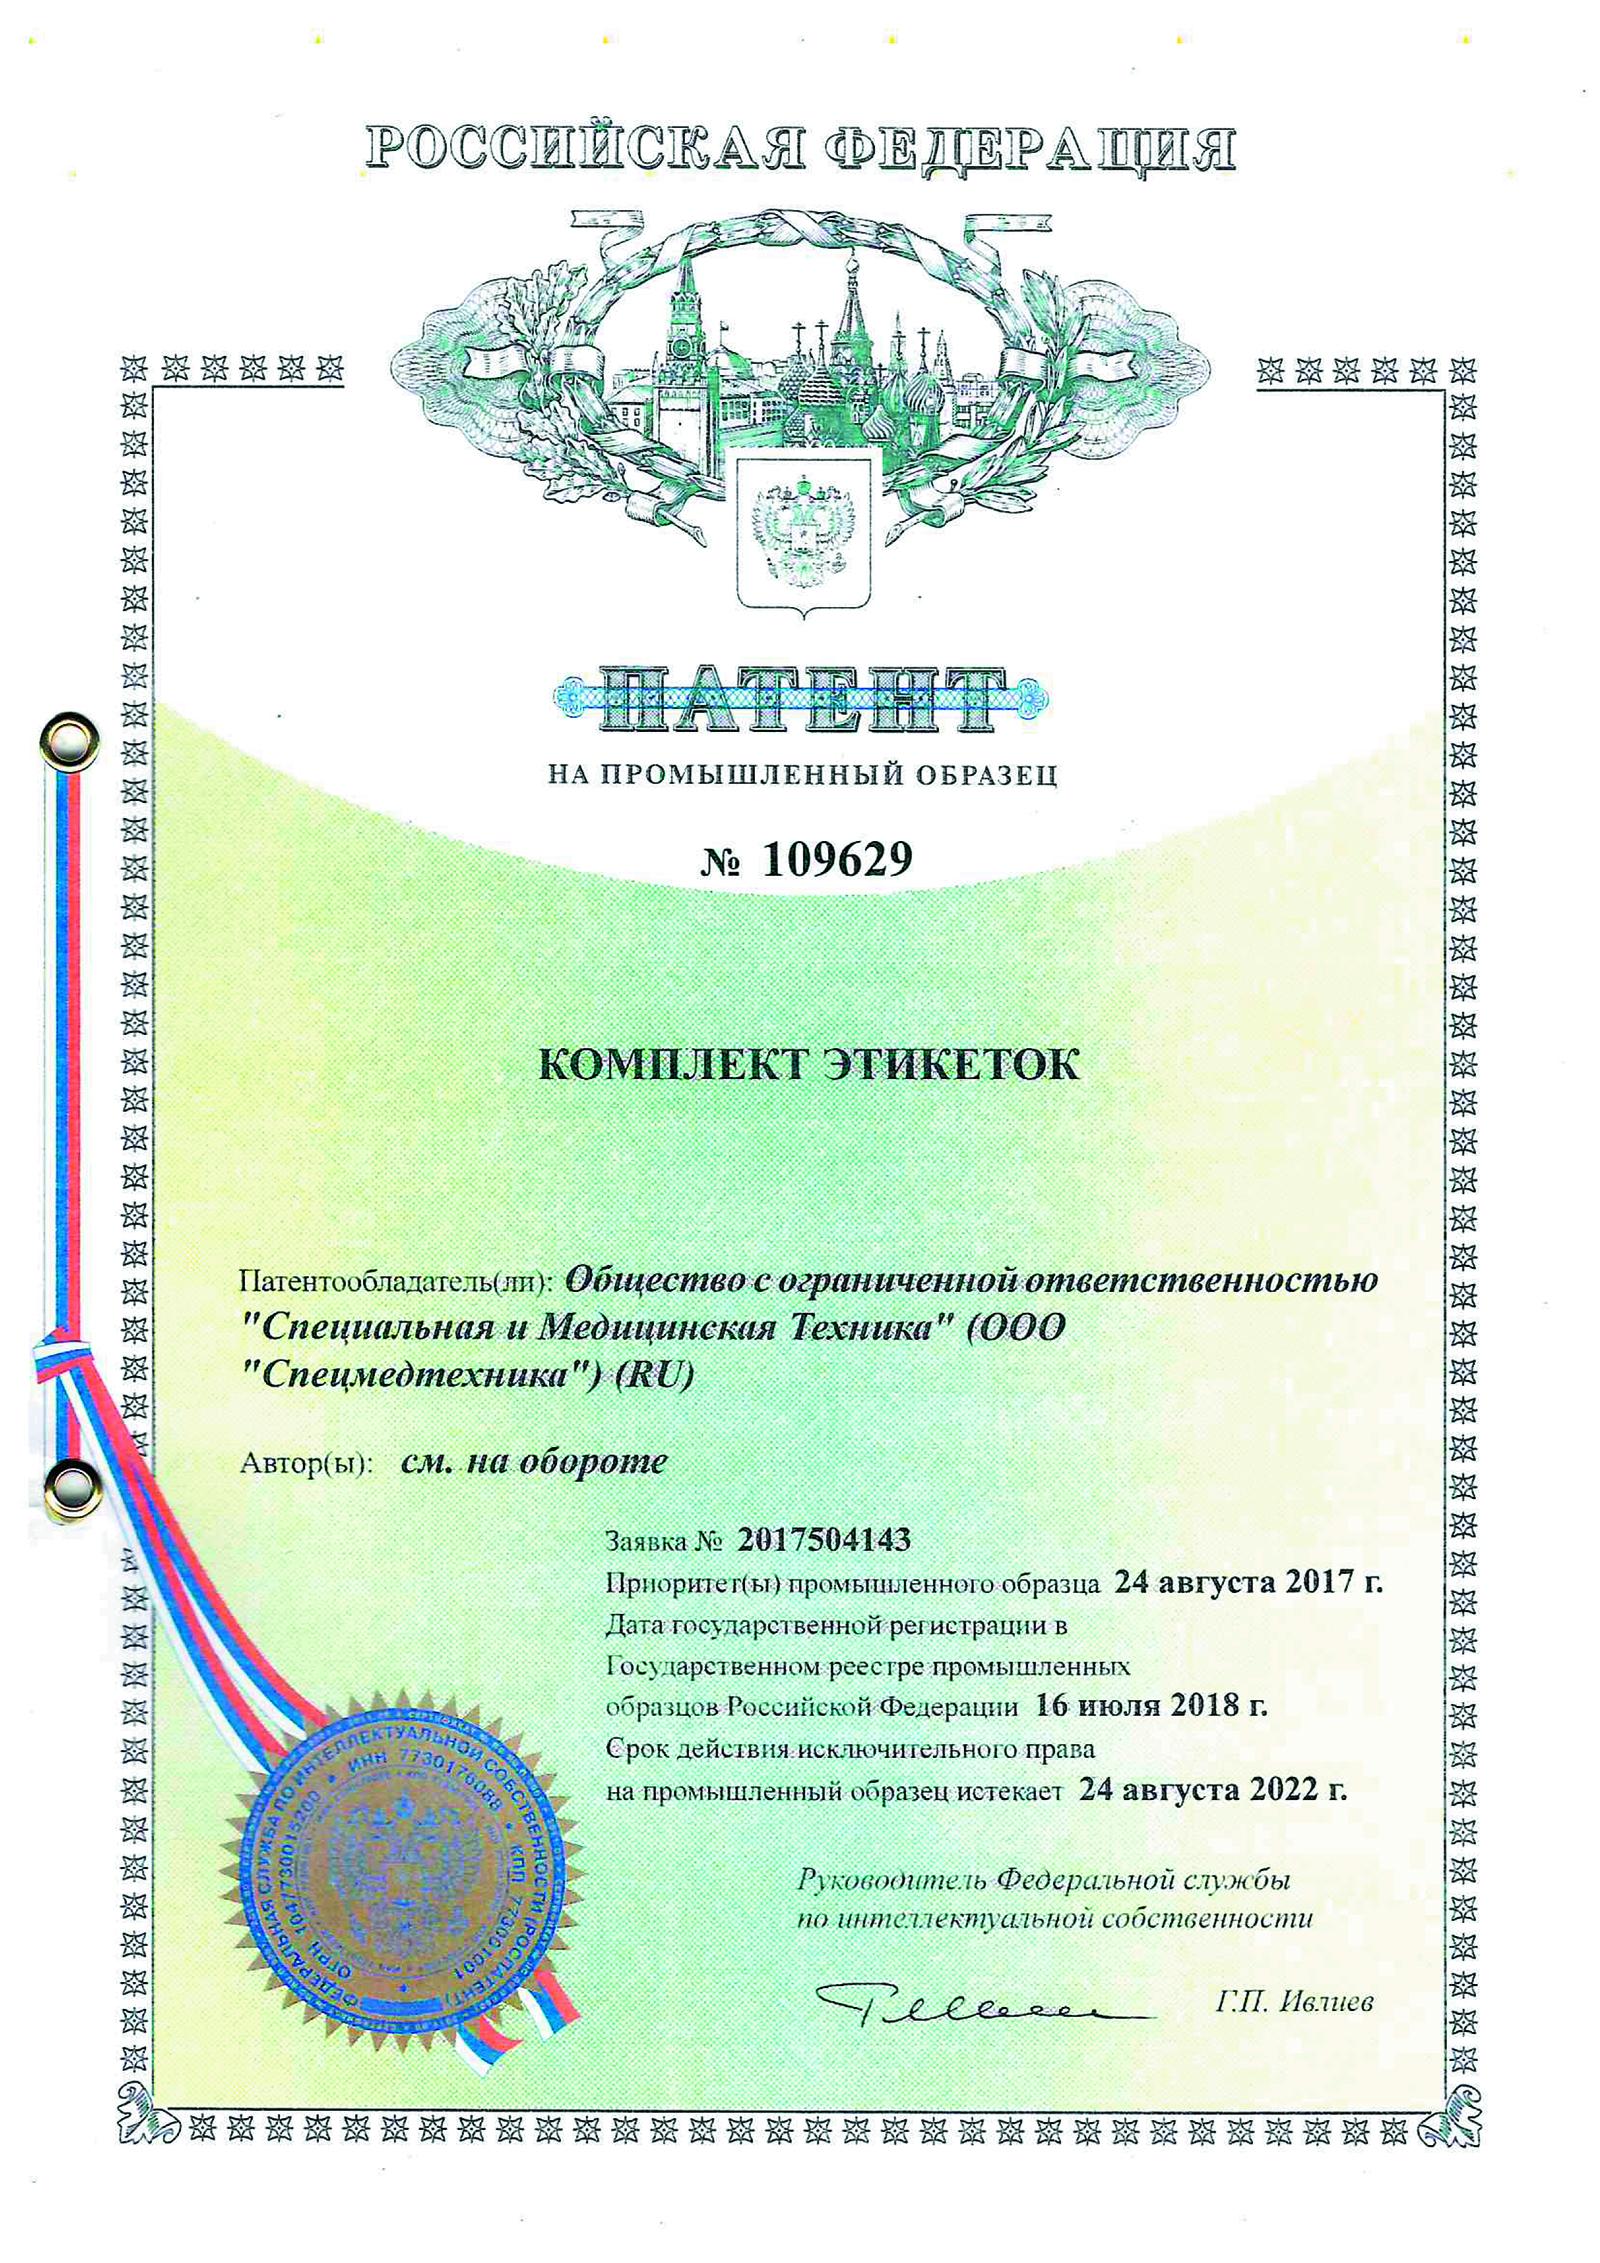 Патент на промышленный образец 109629 Копмлект этикеток